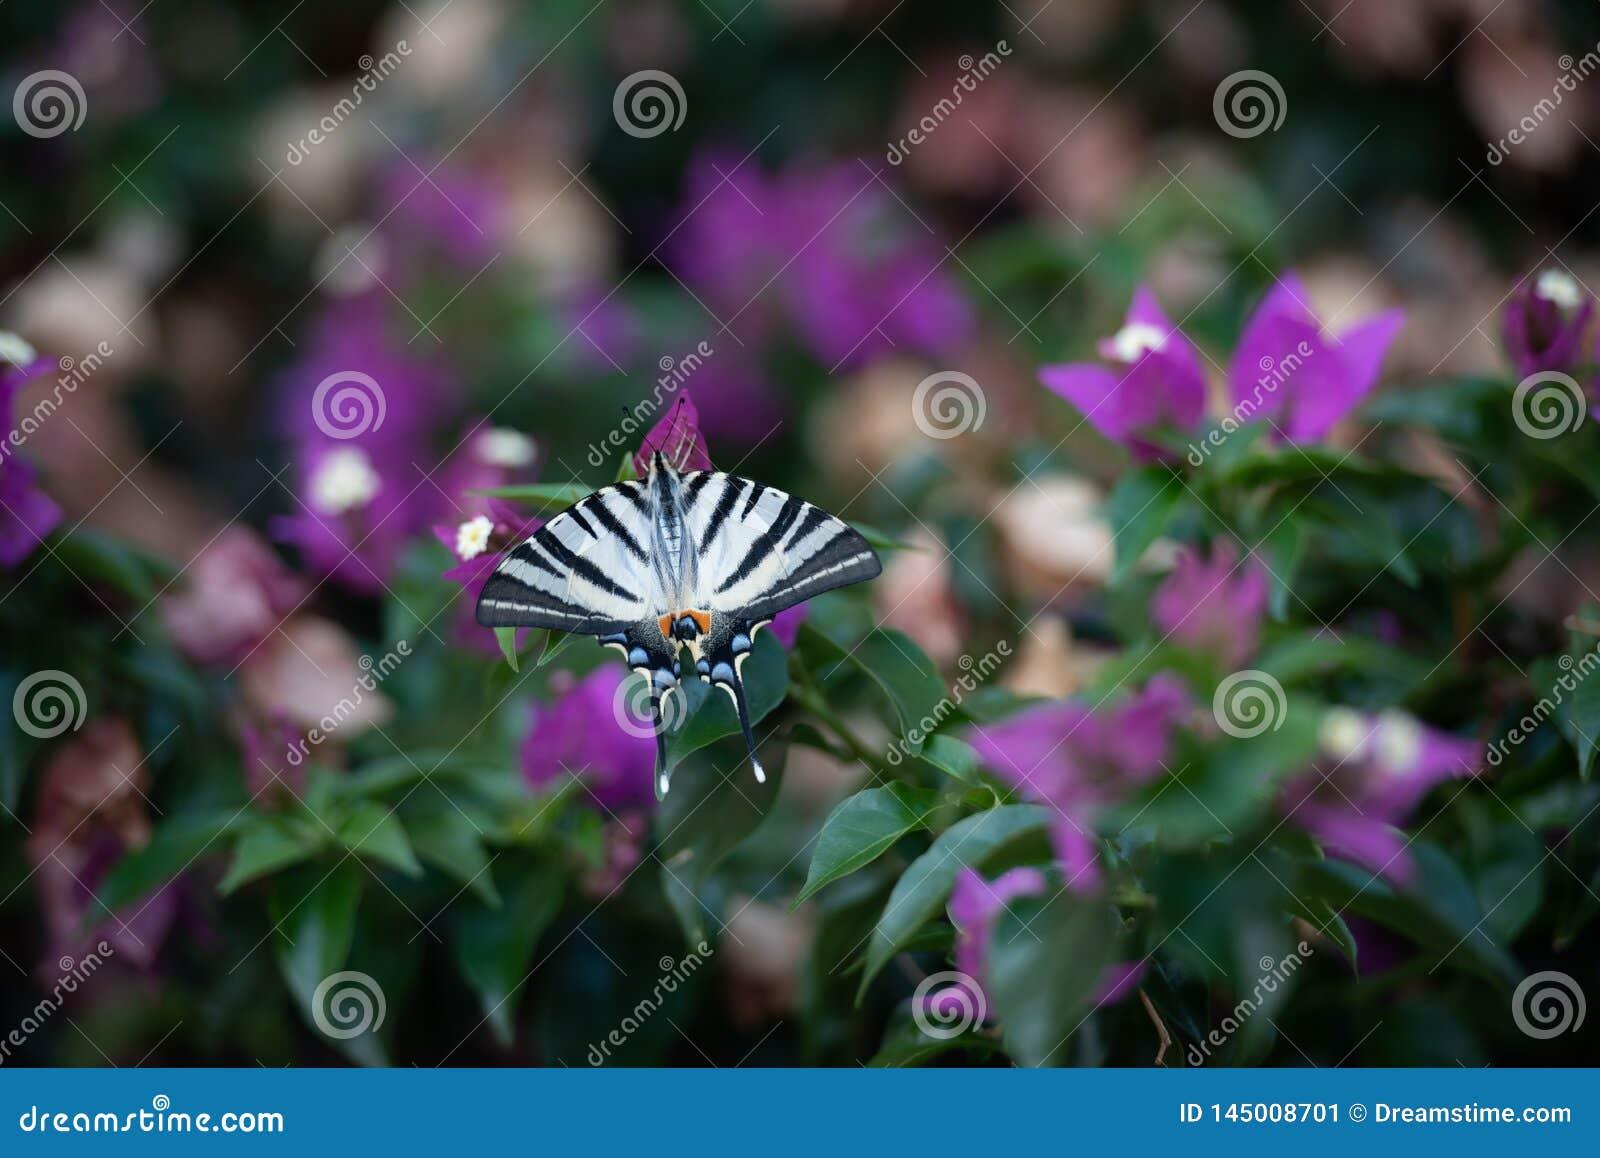 Vit fjäril med svarta band på grön bakgrund med purpurfärgade blommor